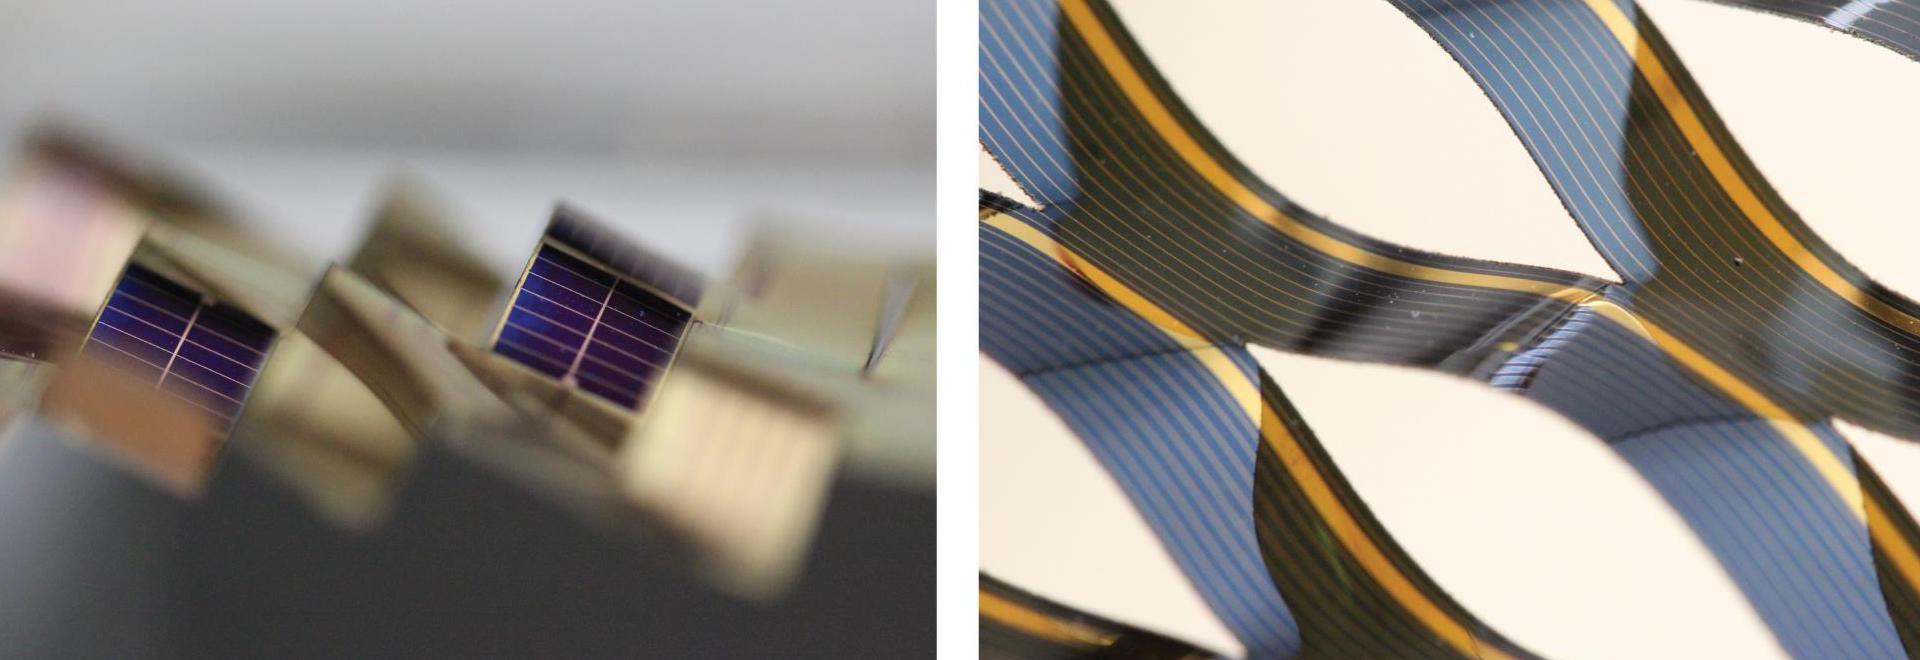 Les structures dynamiques de kirigami capables du cheminement solaire, se composant monolithiquement intégré, mono-cristallin pourtant flexible, les piles solaires d'arséniure de gallium sur le pol...